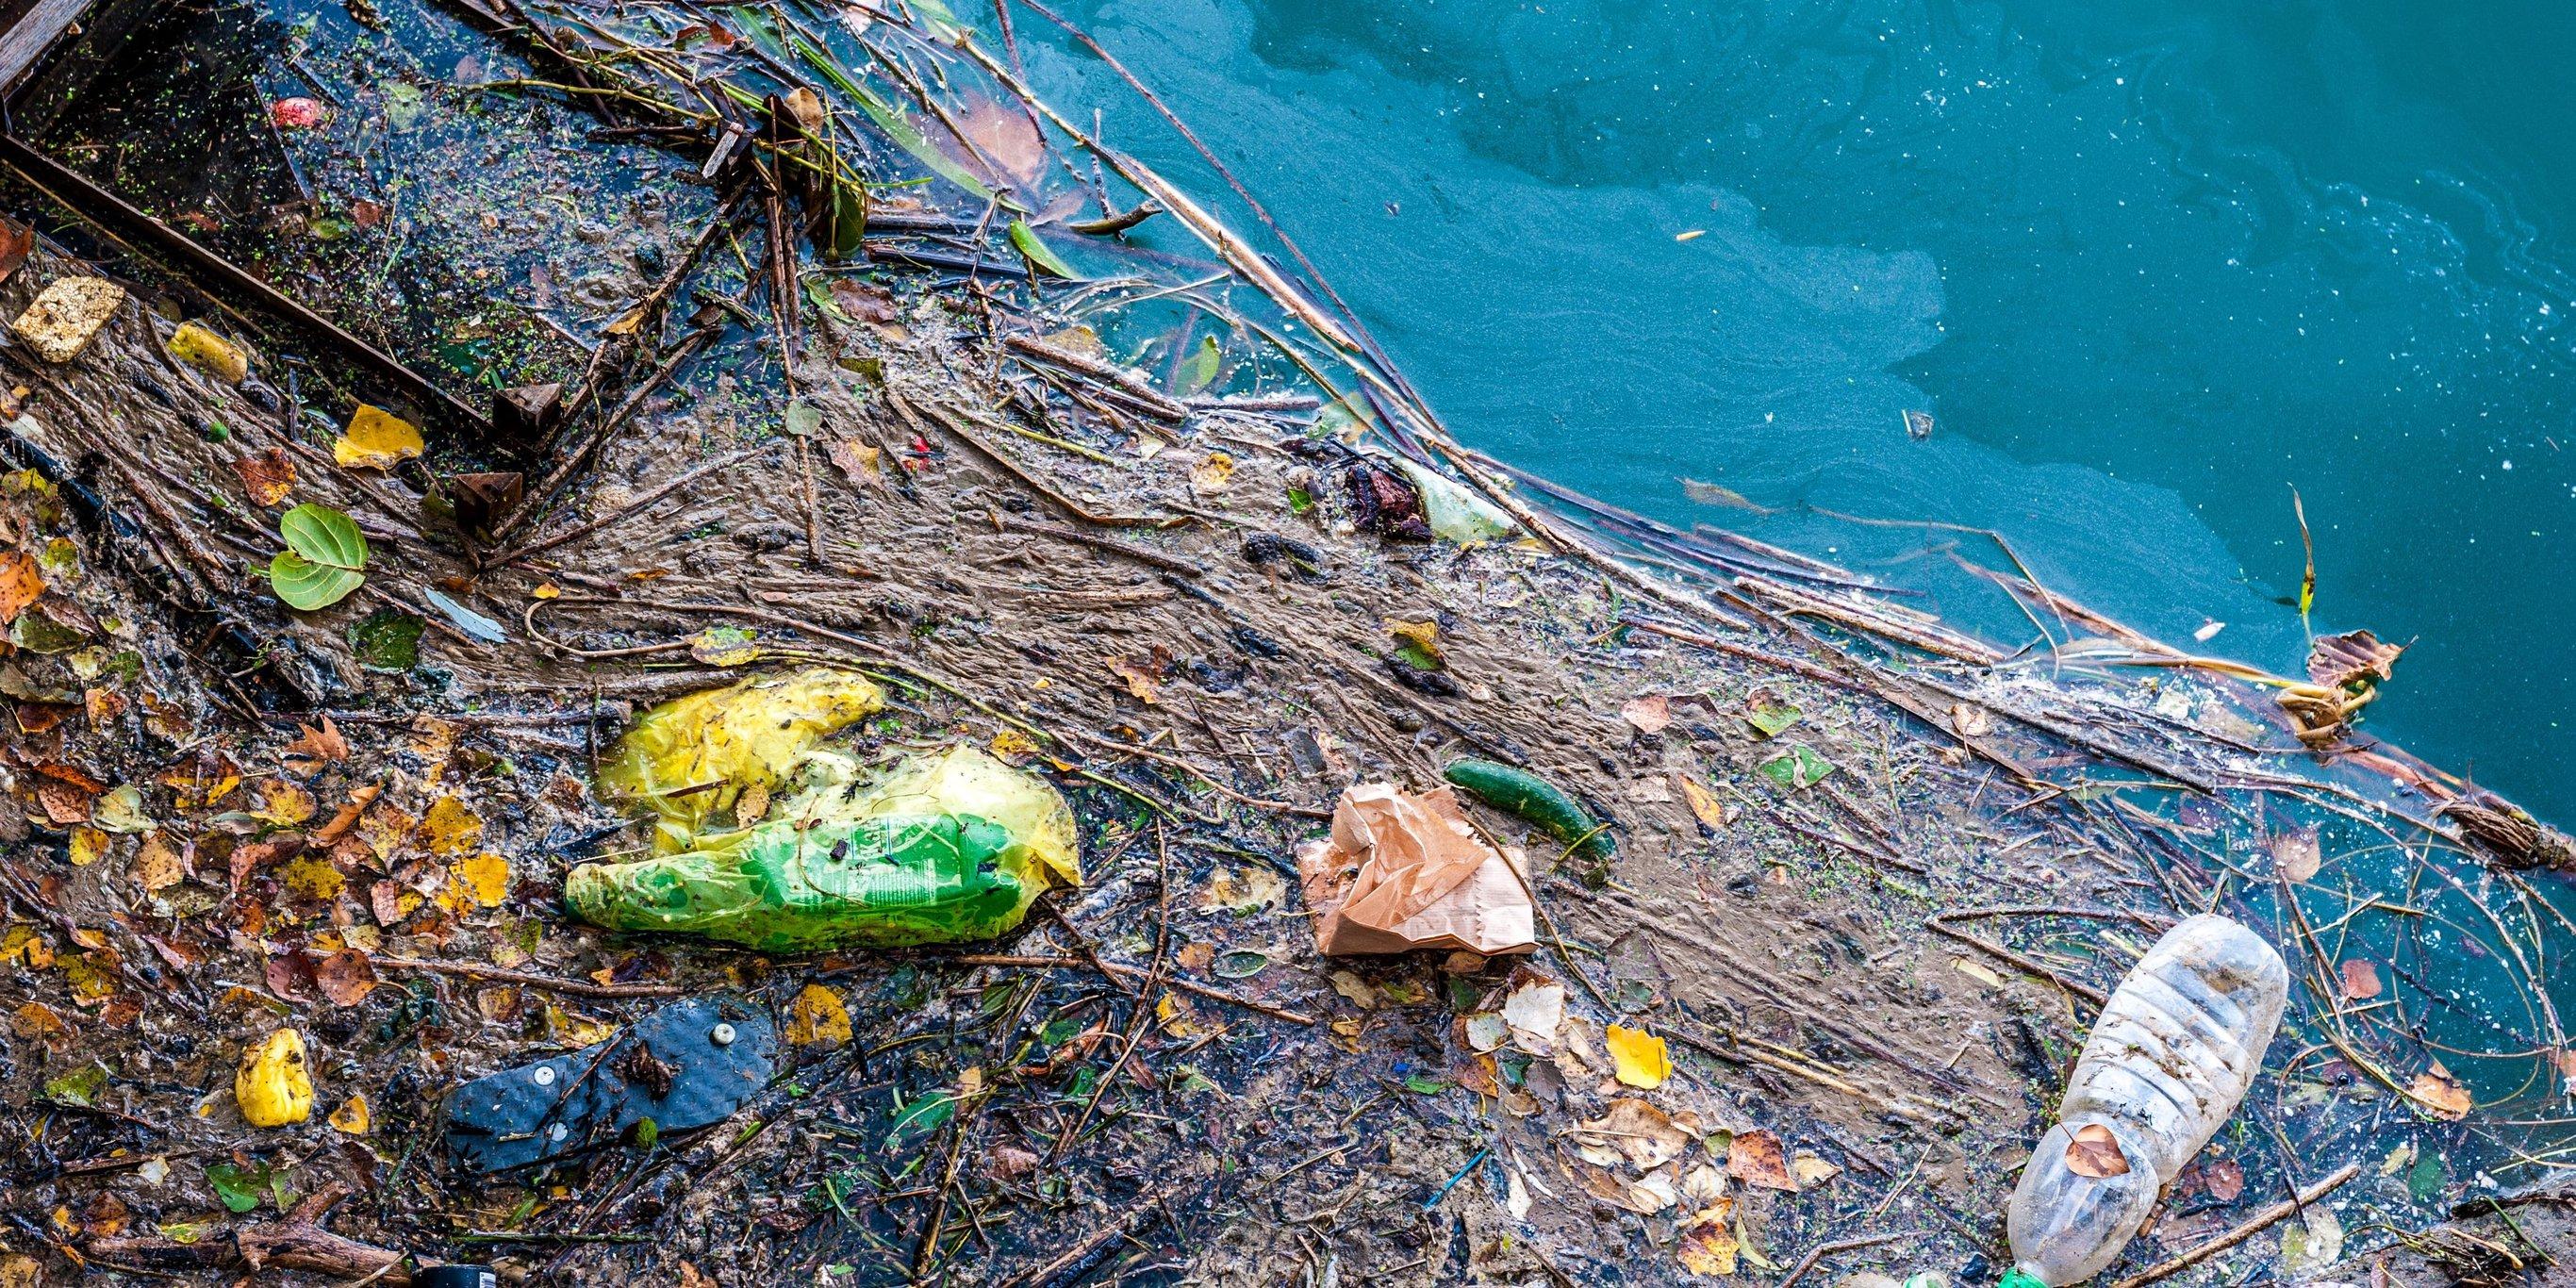 Загрязнение водоемов пластиком